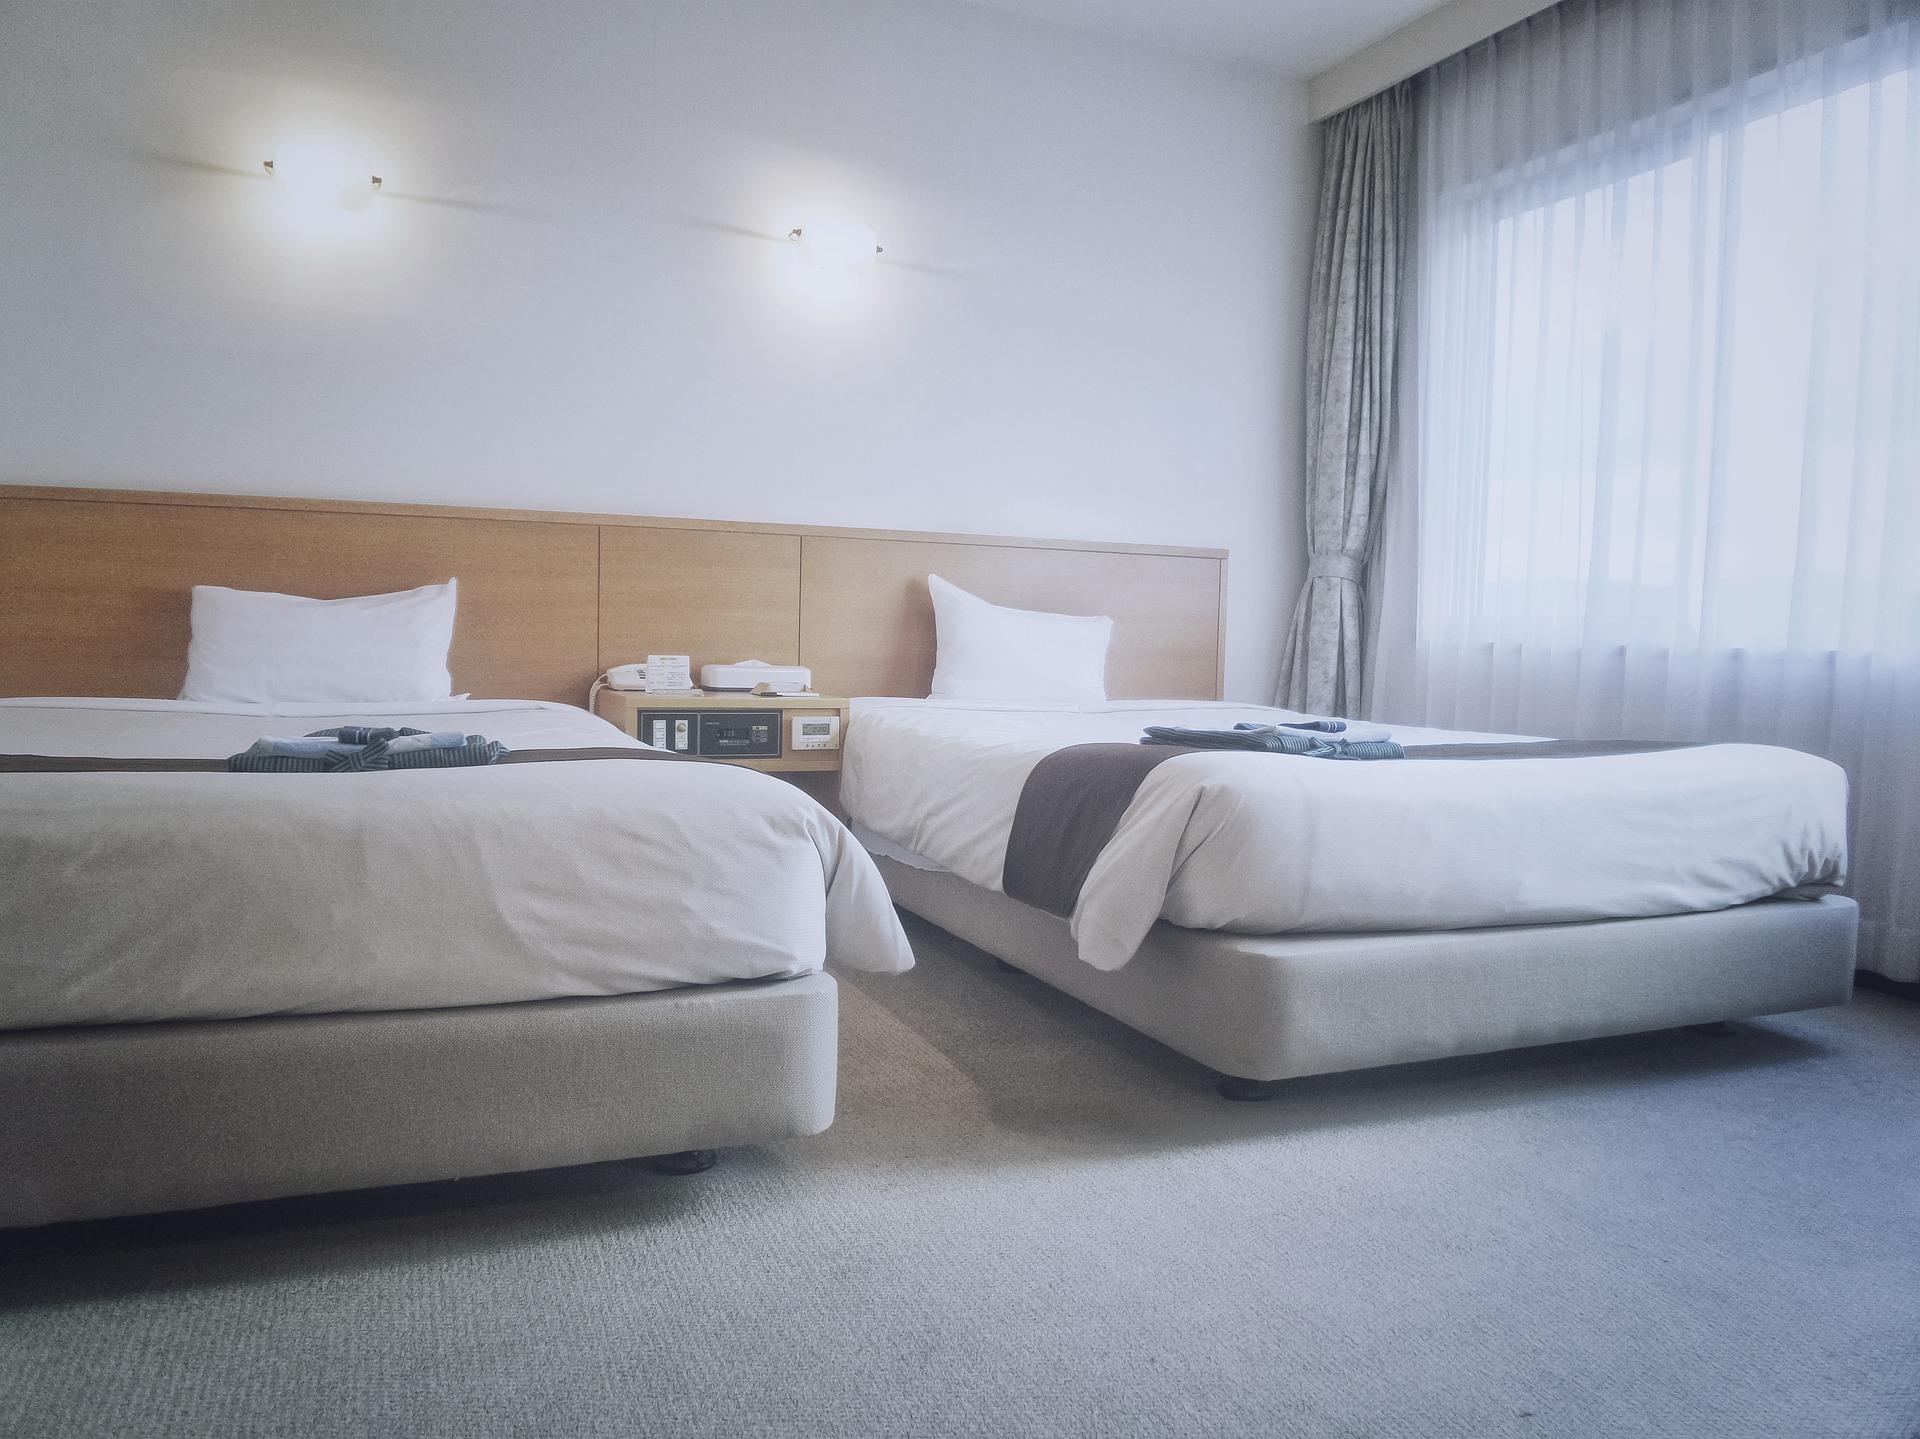 Gardinenwäsche im Hotel